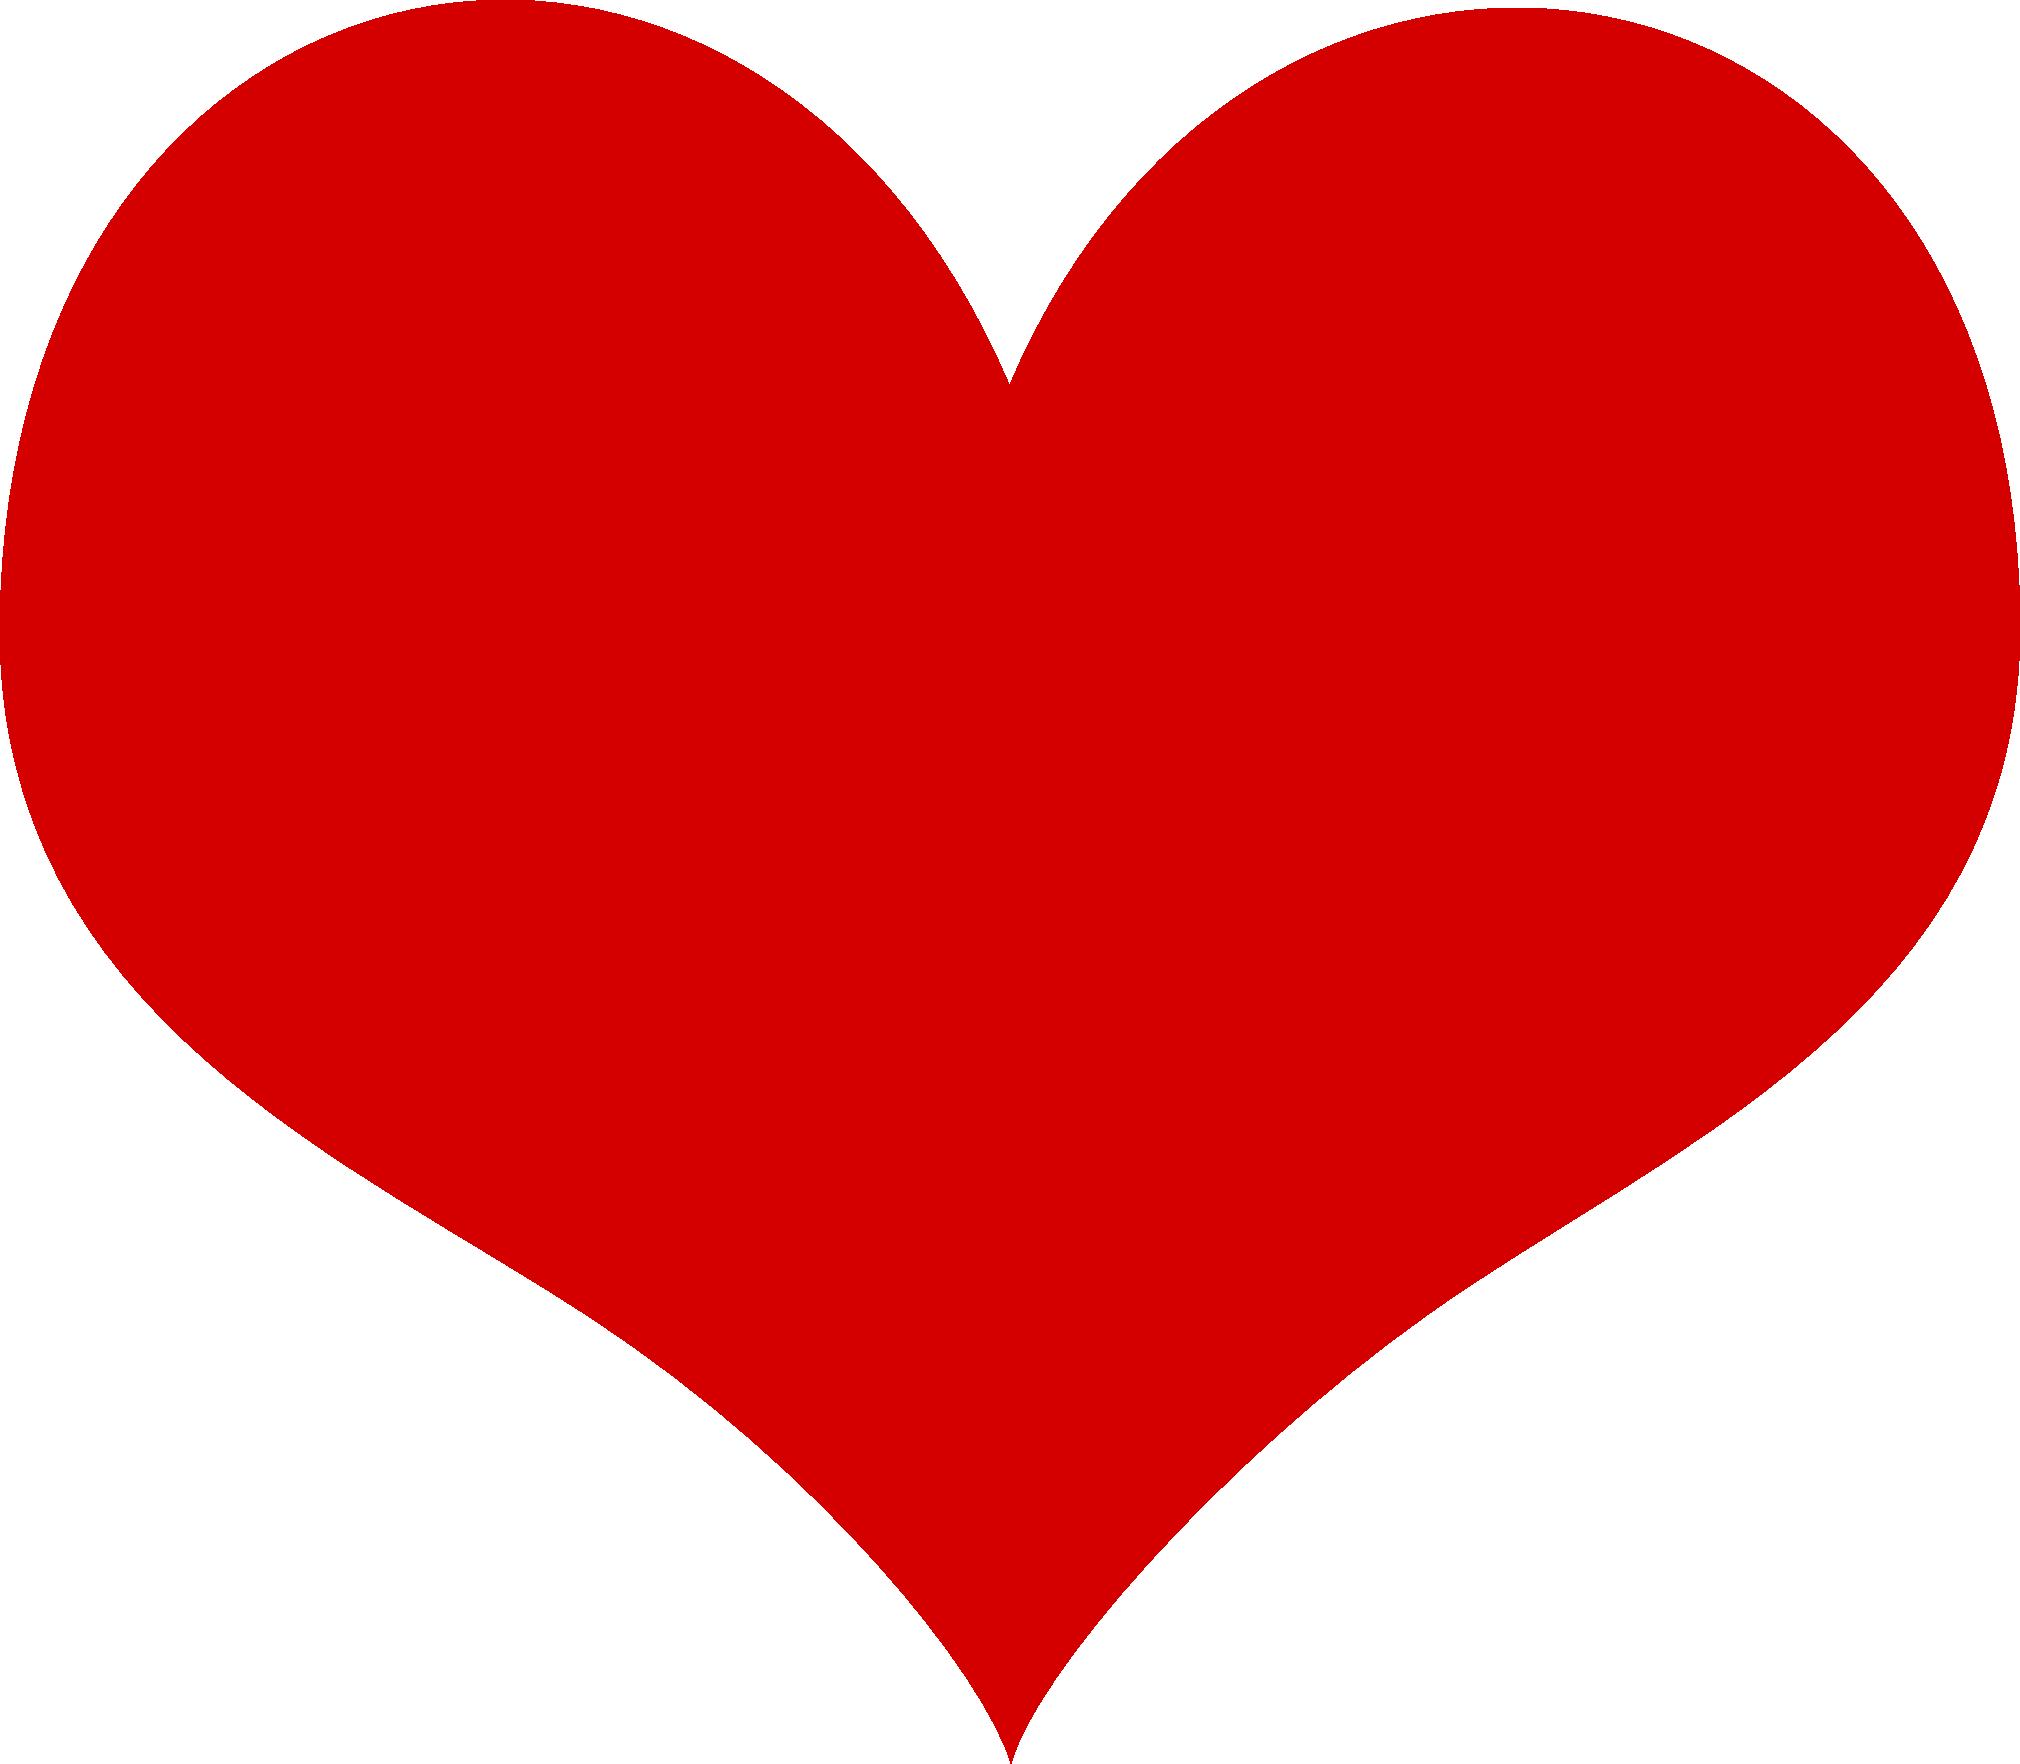 heart clipart-heart clipart-1